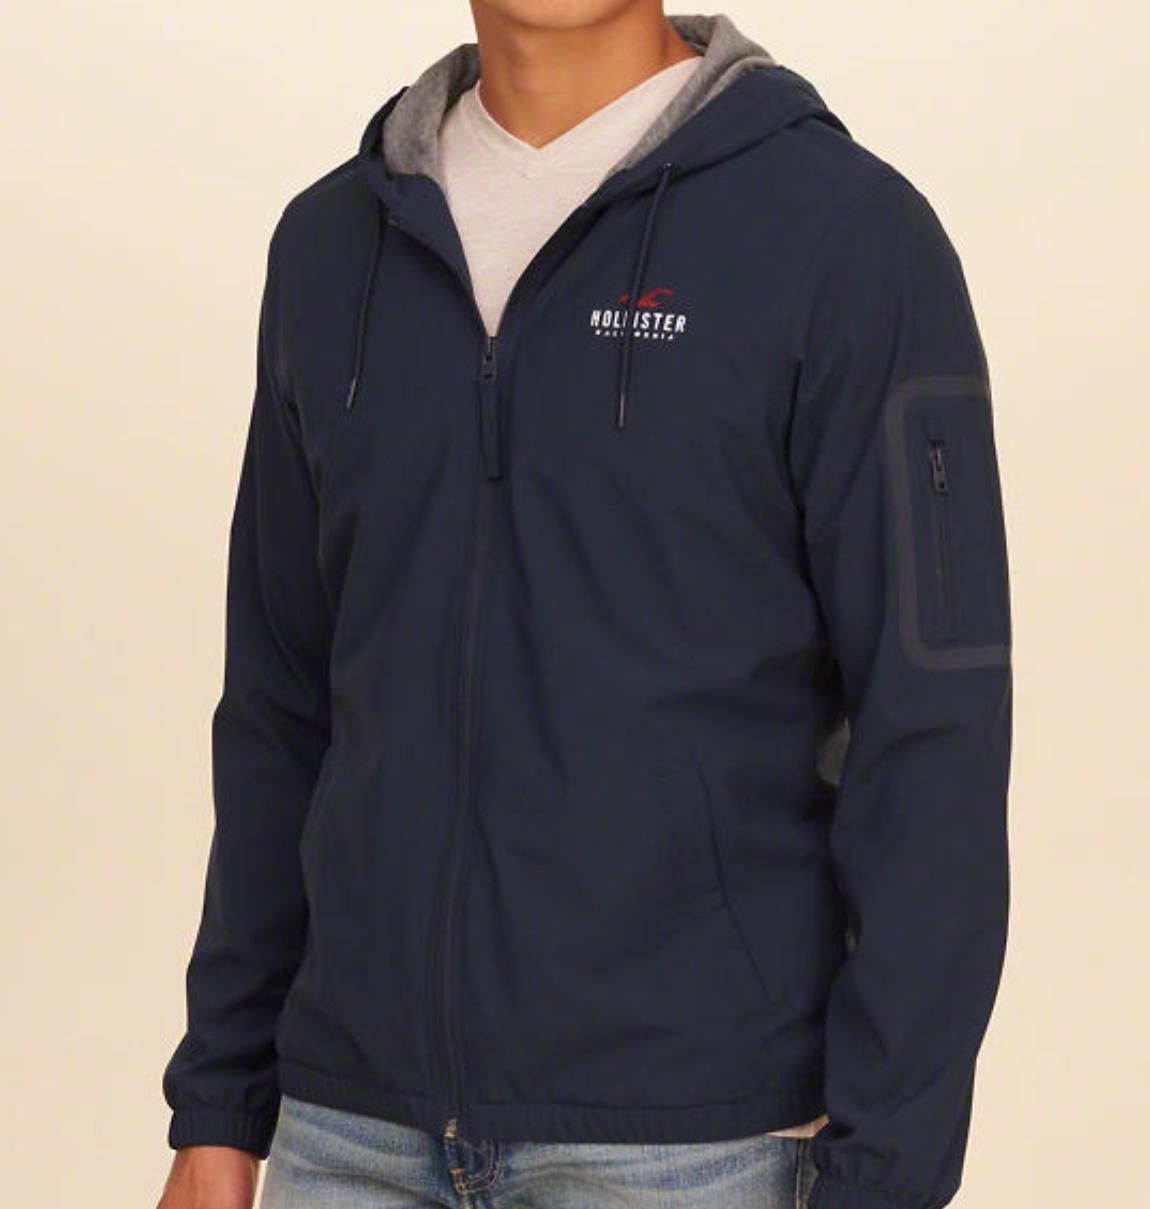 Hollister Jersey-Lined Windbreaker - £34.99 (C&C) @ Hollister